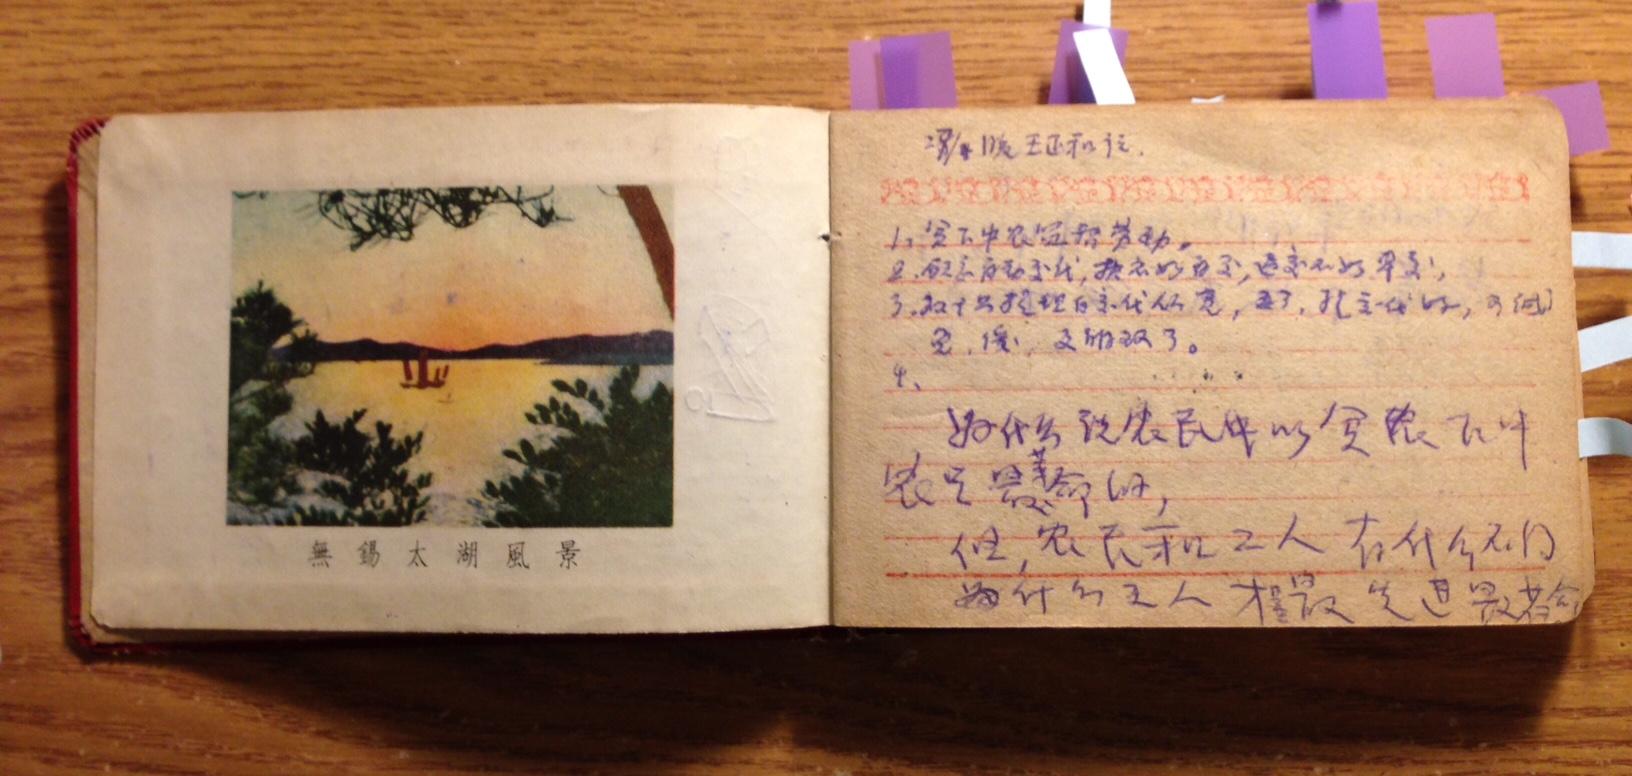 硬皮本四清筆記的一頁,是生產隊長王正和的表態。紙質粗糙發黃,彩頁是無錫太湖風景。